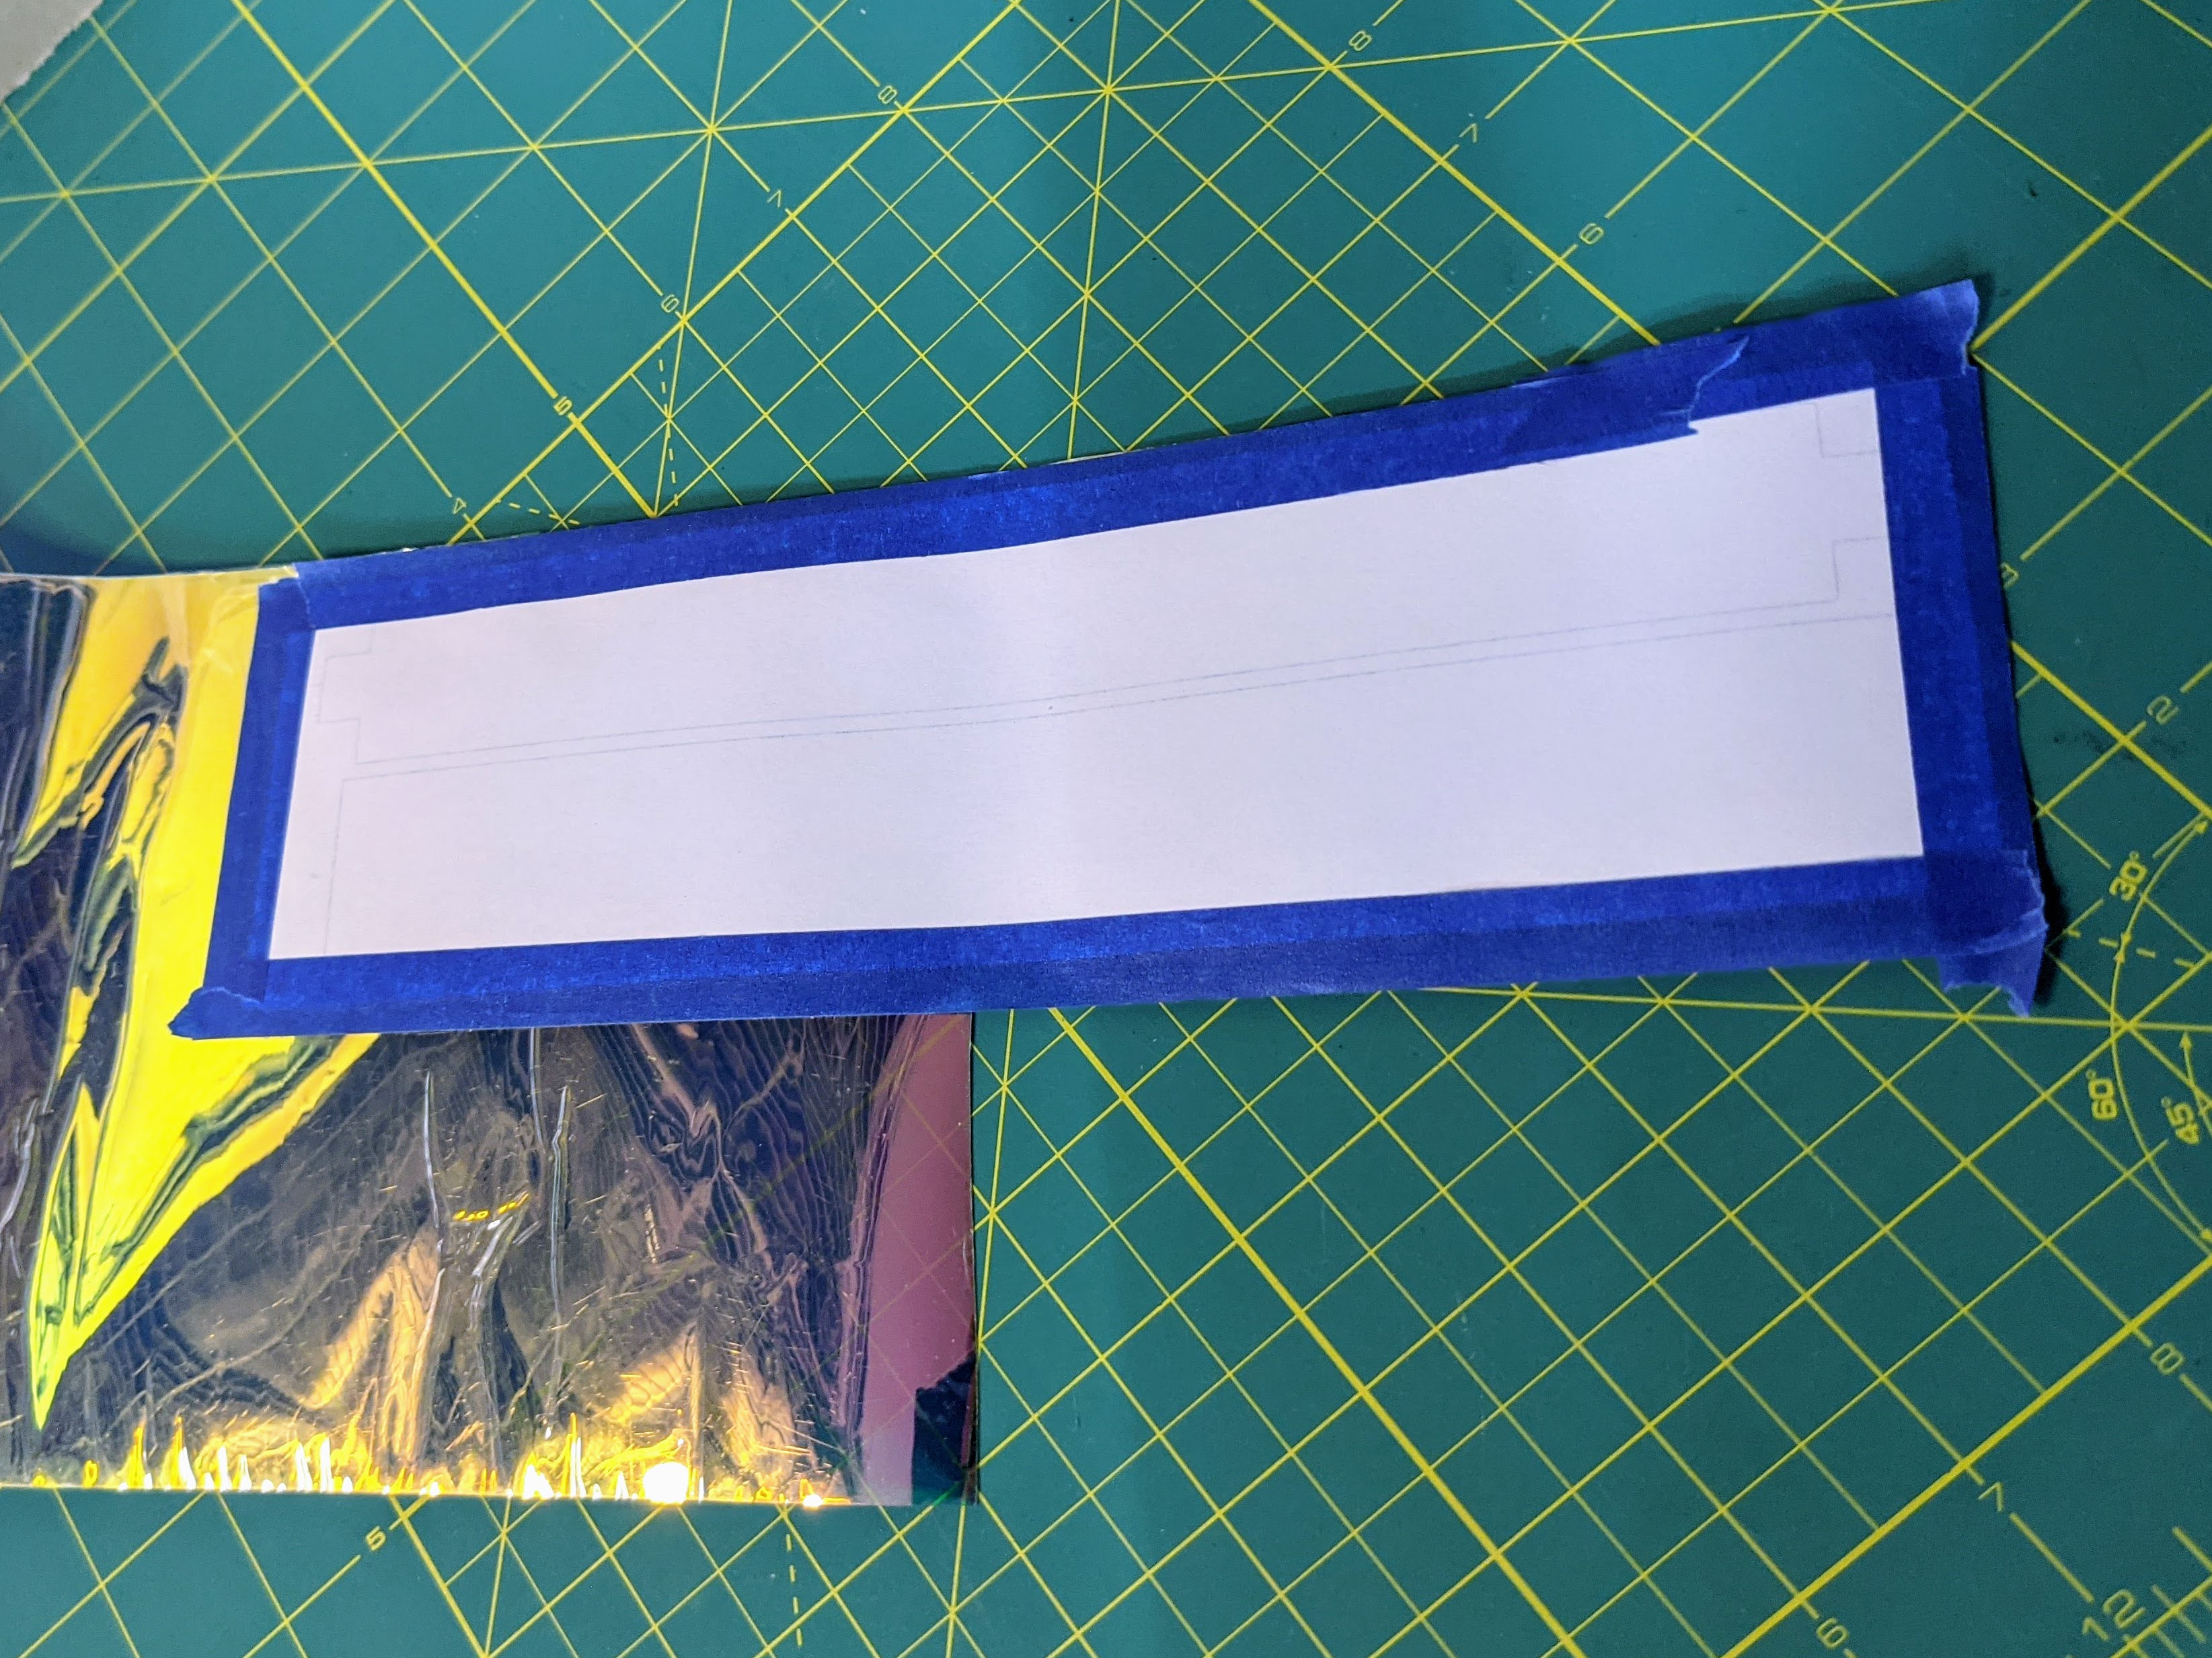 led_strips_PXL_20210124_231505391.jpg